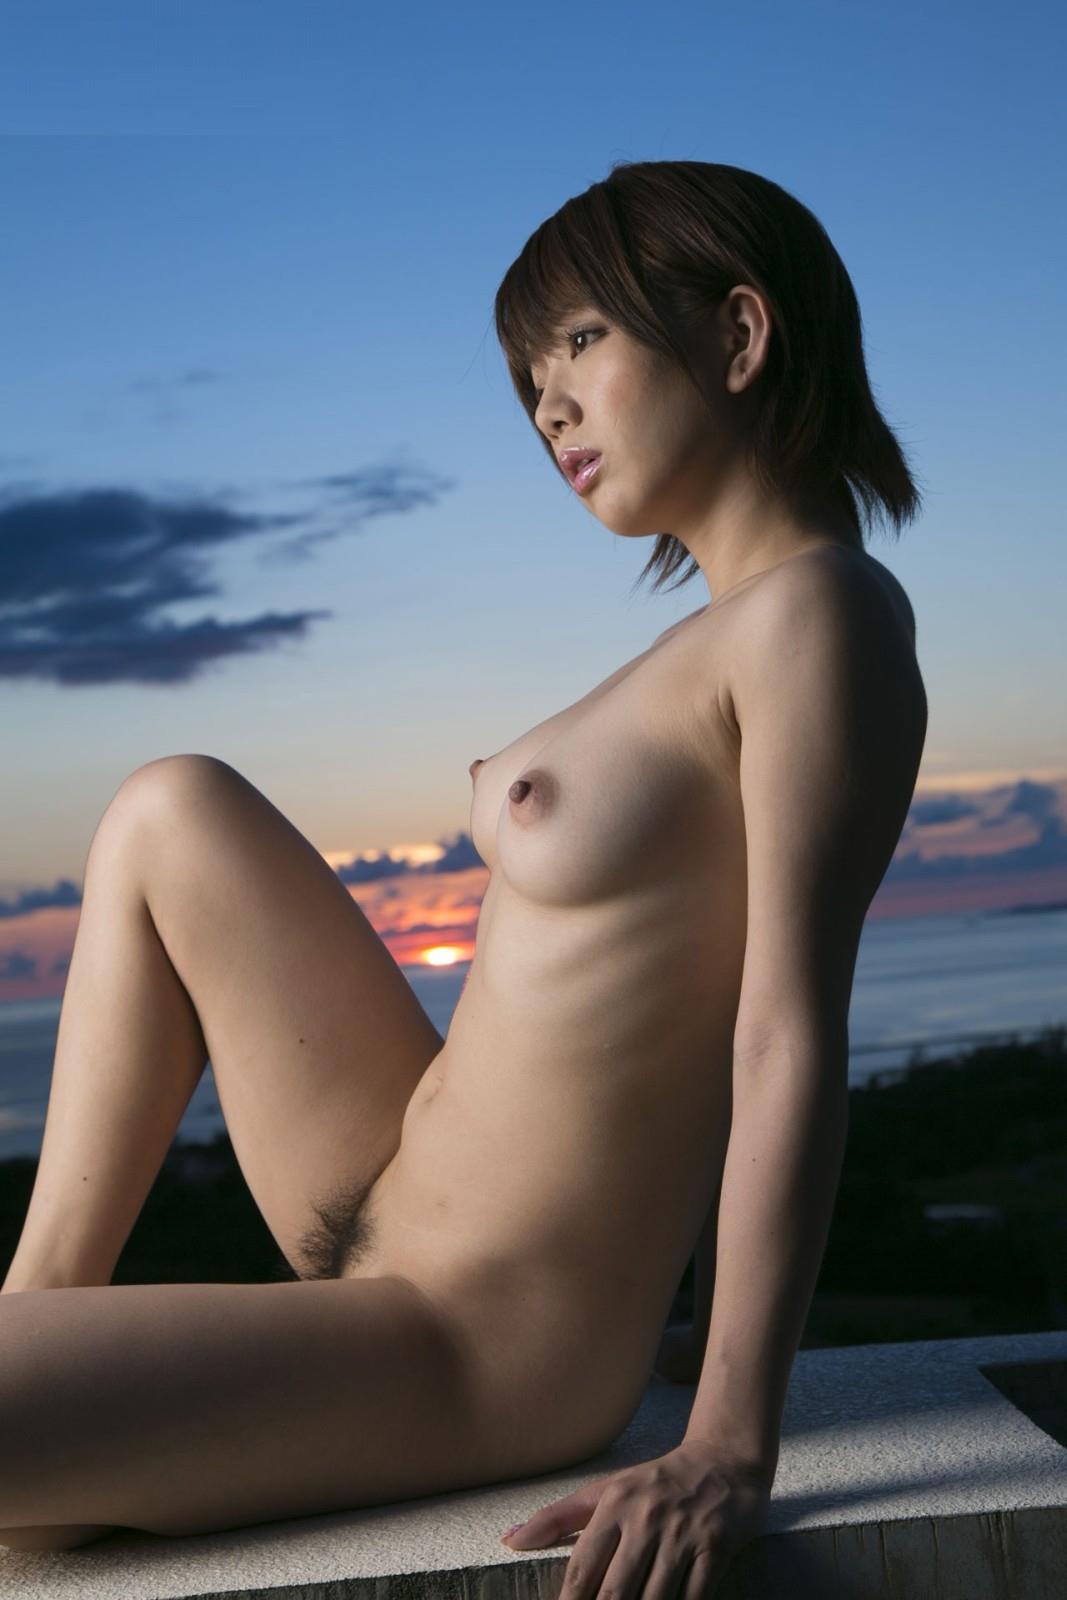 三次元 3次元 エロ画像 夕暮れ 夕陽 日没 ヌード べっぴん娘通信 002